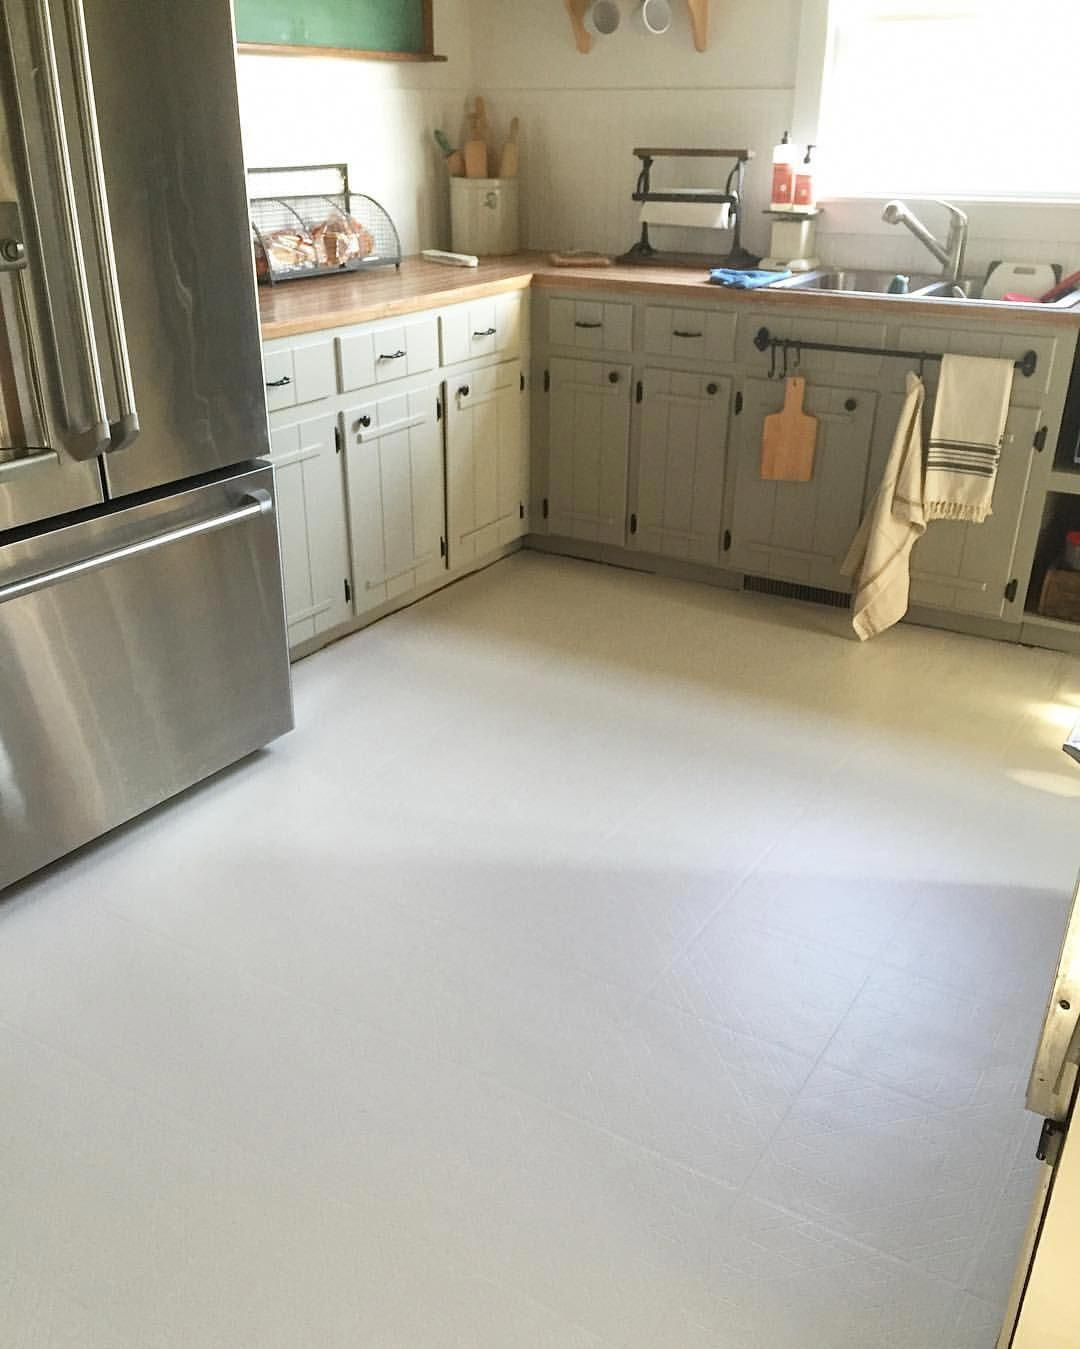 Painted Linoleum Floors   Farmhouse Kitchen Remodel ...